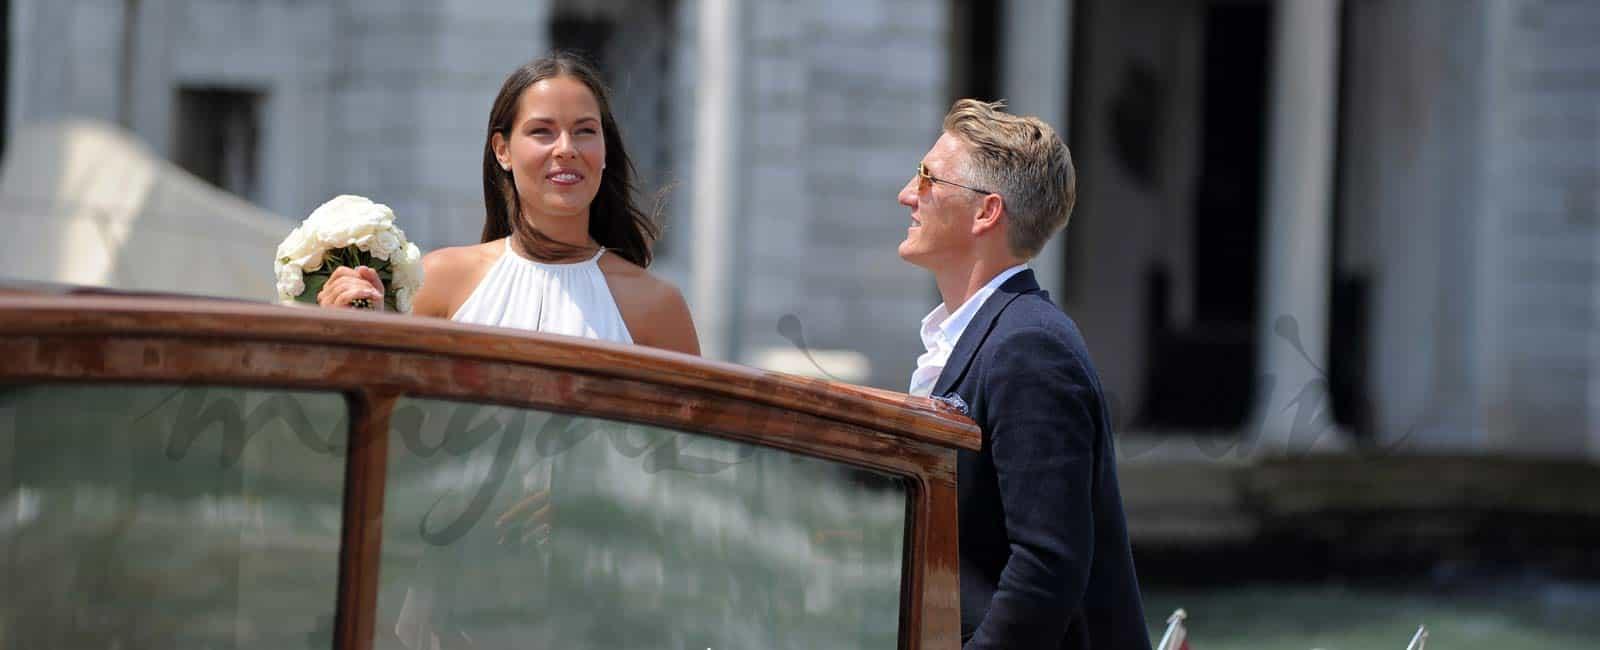 Bastian Schweinsteiger y Ana Ivanovic boda en Venecia